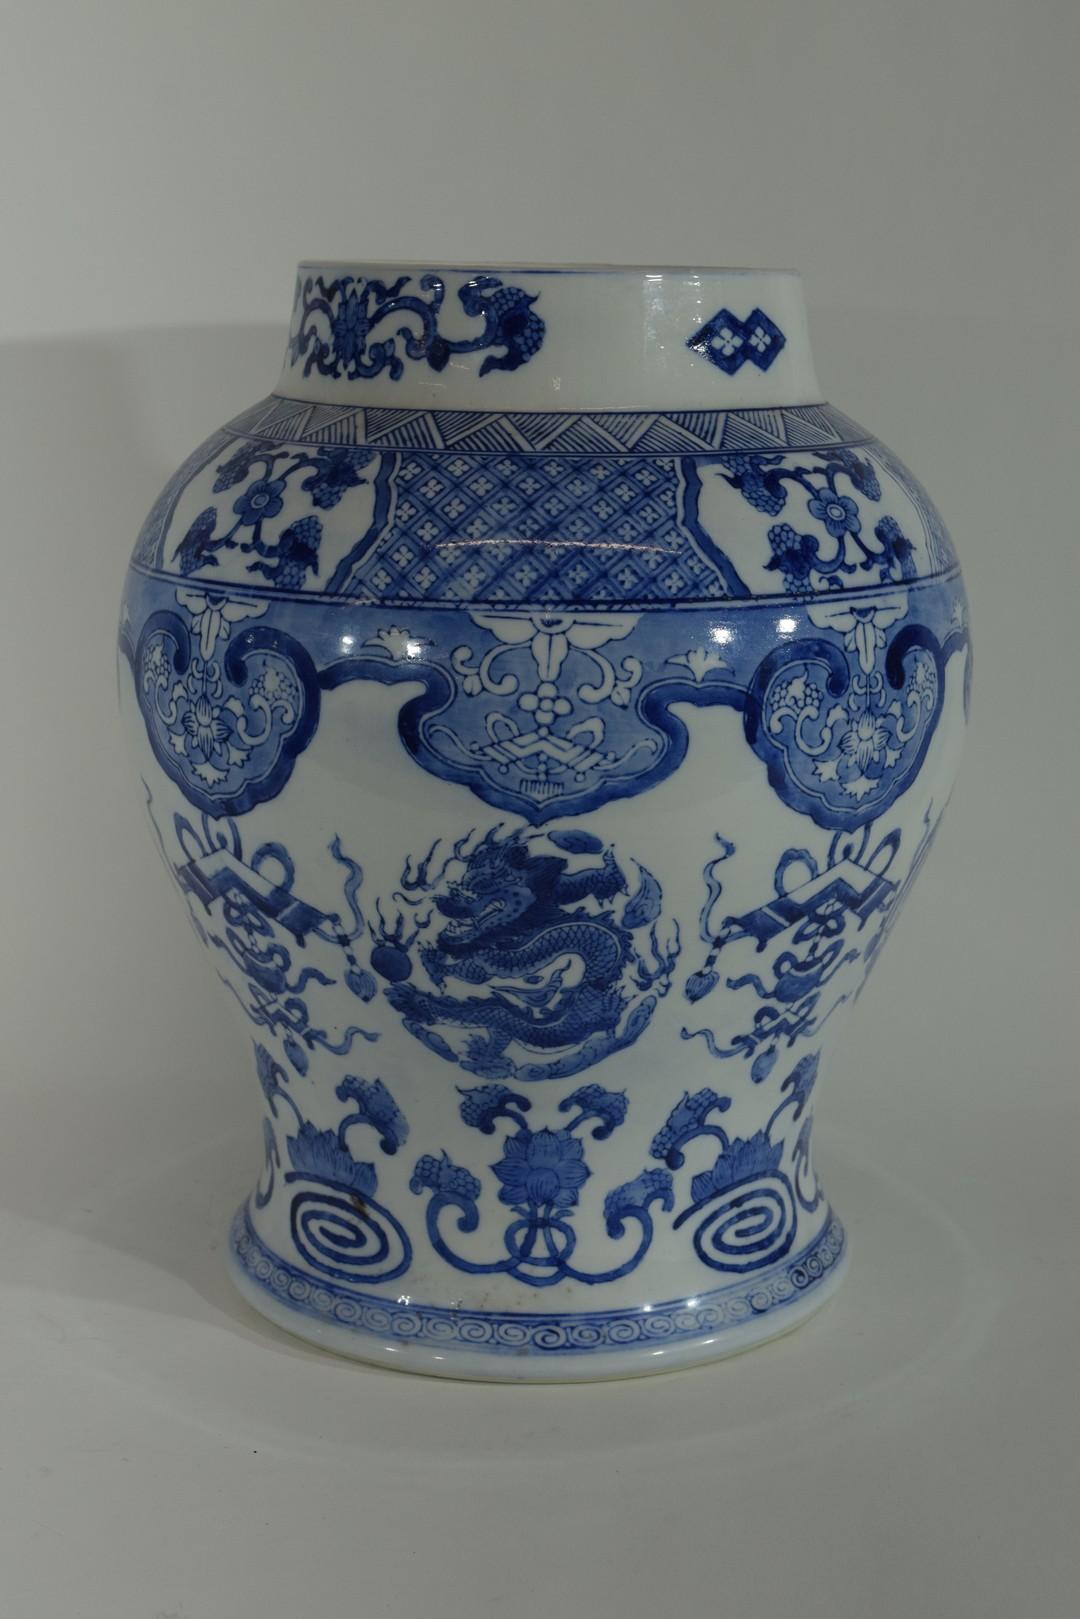 Large Chinese porcelain jar - Image 2 of 7